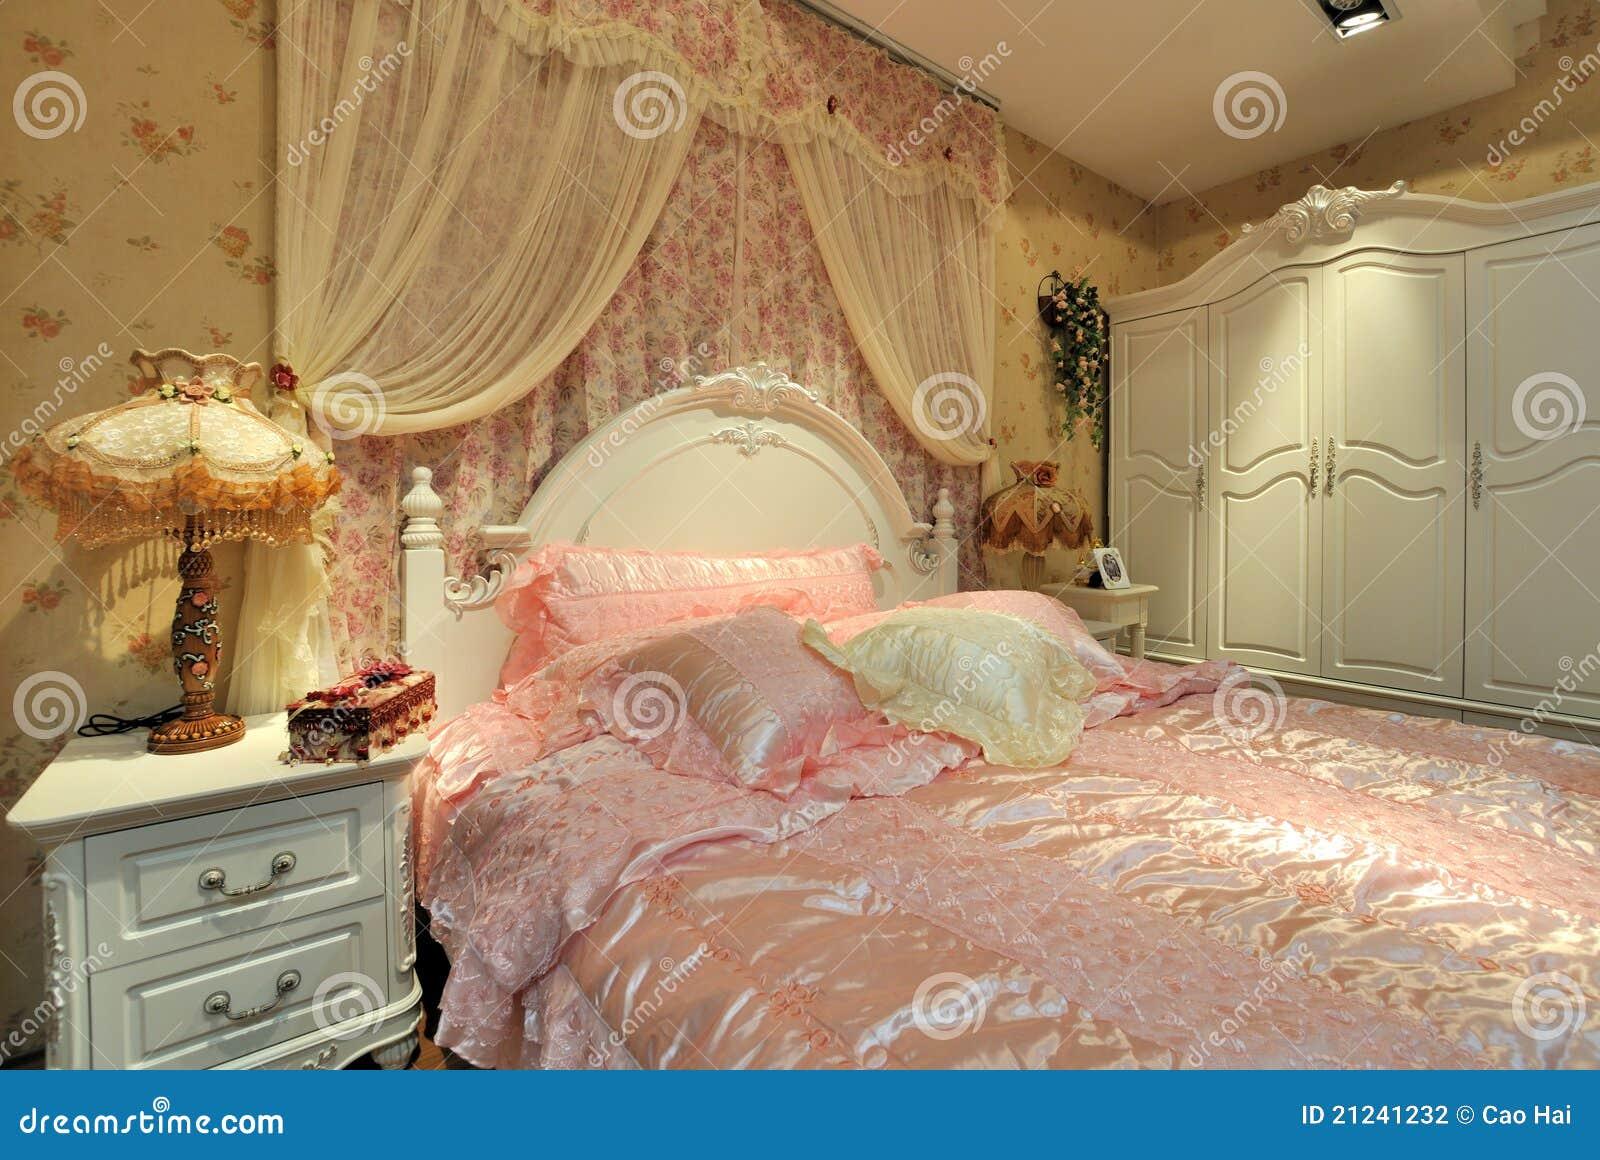 Slaapkamer in bloemrijke decoratie stock foto afbeelding 21241232 - Decoratie voor slaapkamer ...